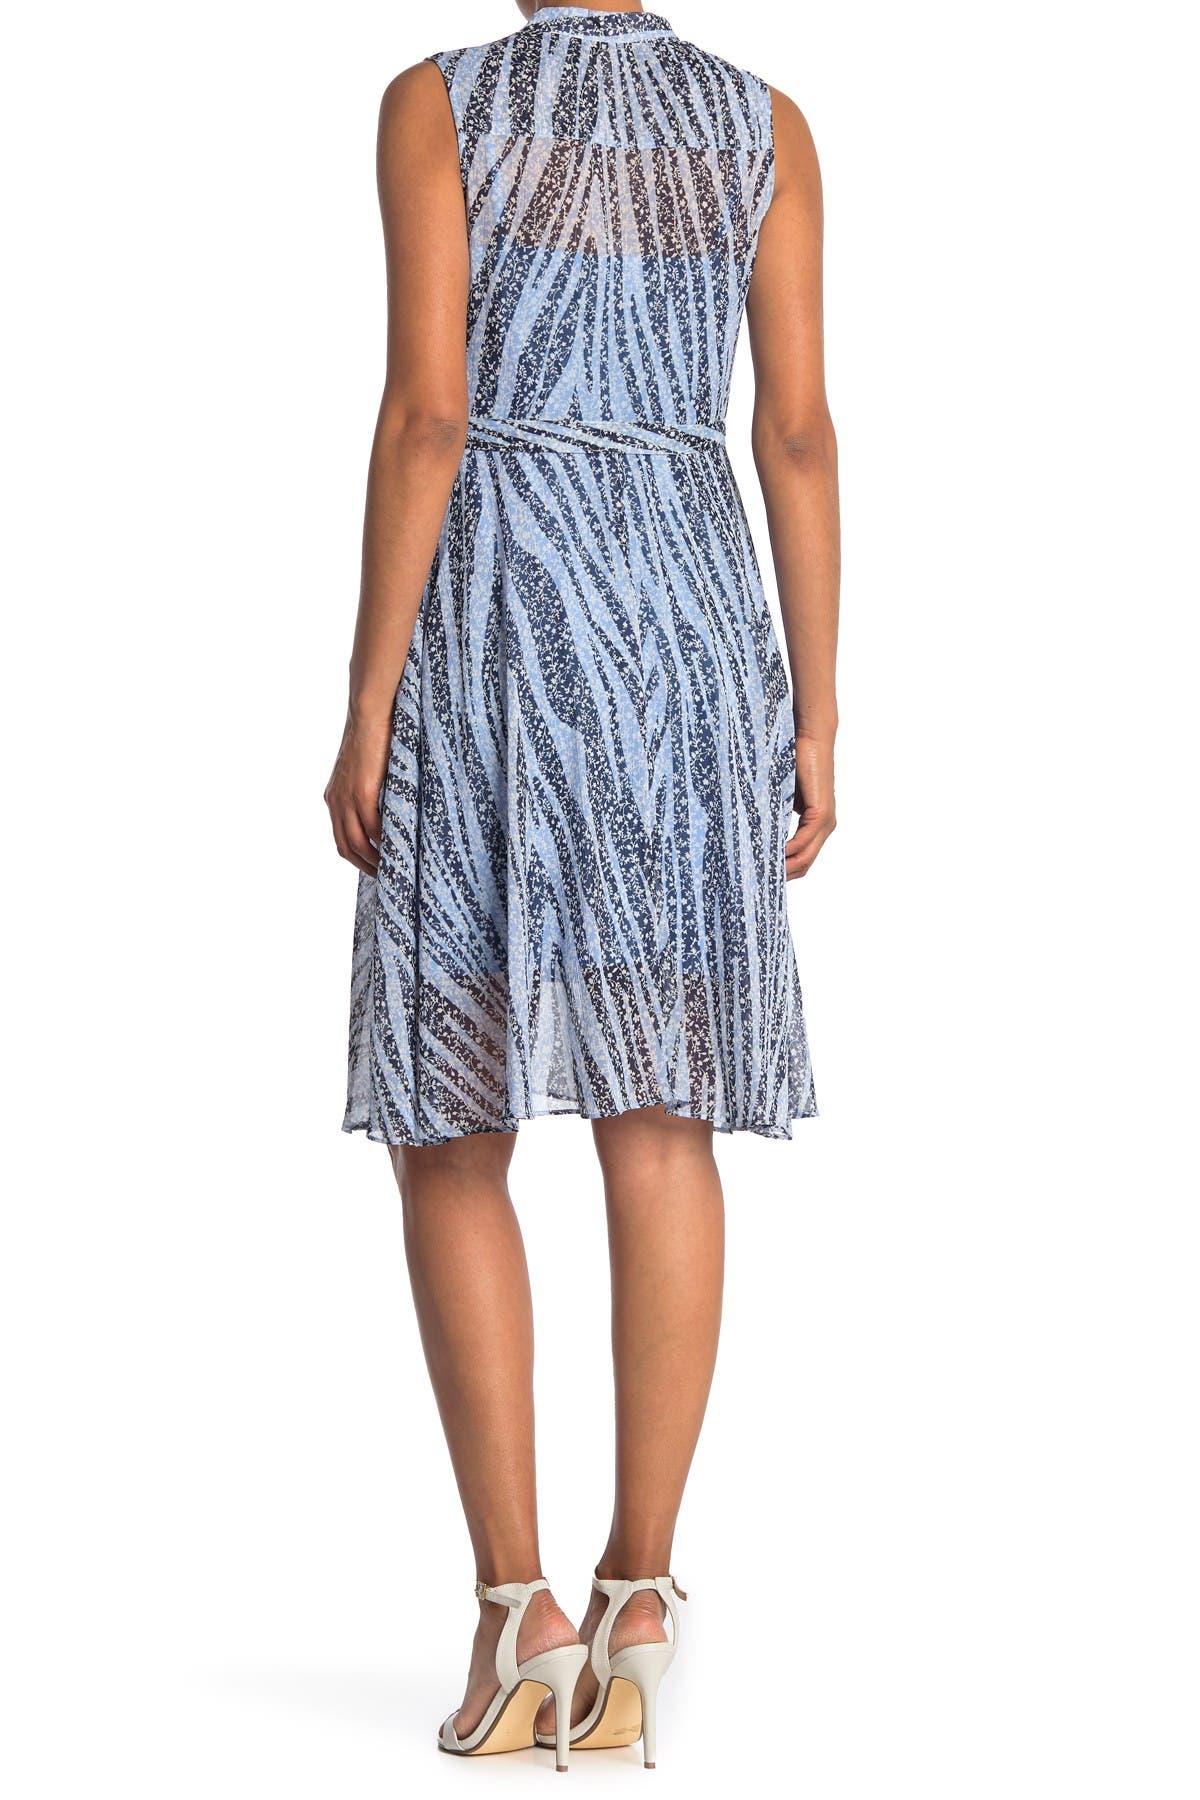 Image of NANETTE nanette lepore Floral Sleeveless Midi Dress